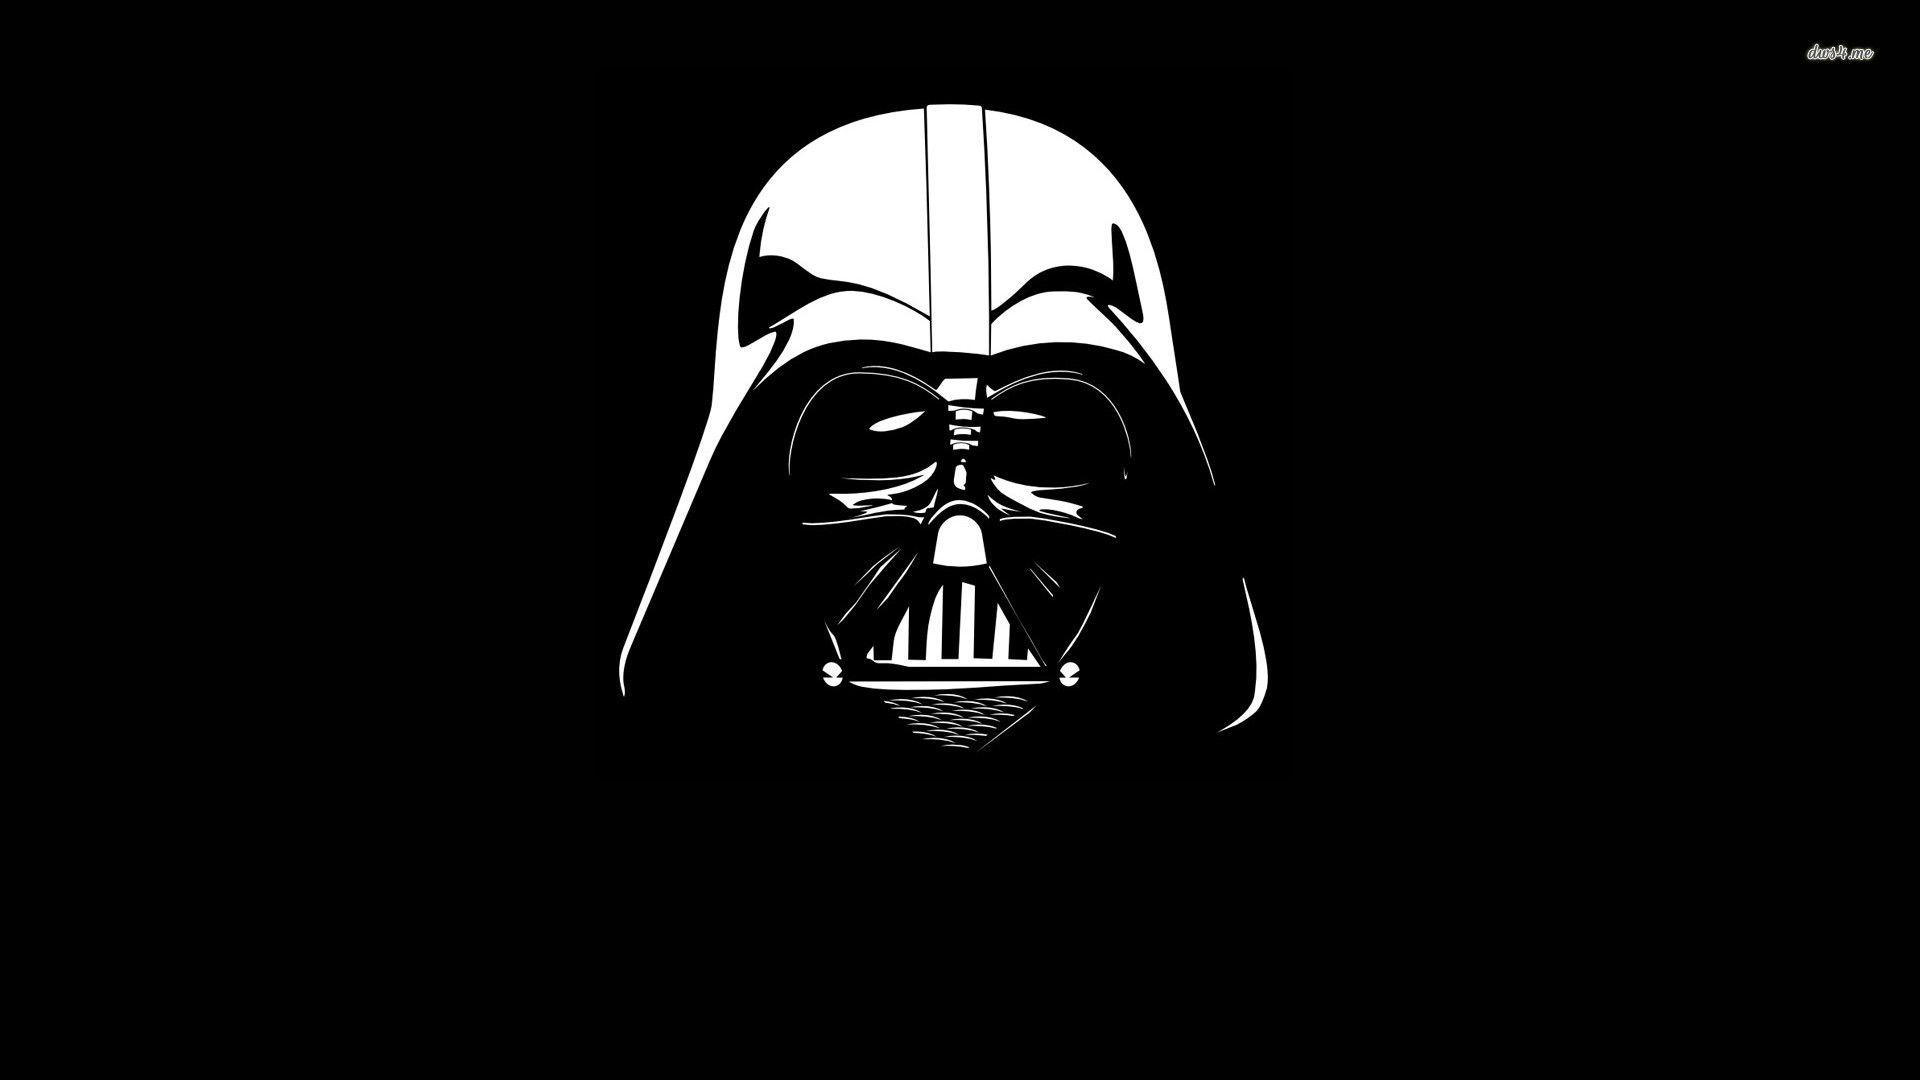 Star Wars Darth Vader Wallpapers Desktop Background Movies Darth Vader Hd Wallpaper Darth Vader Wallpaper Darth Vader